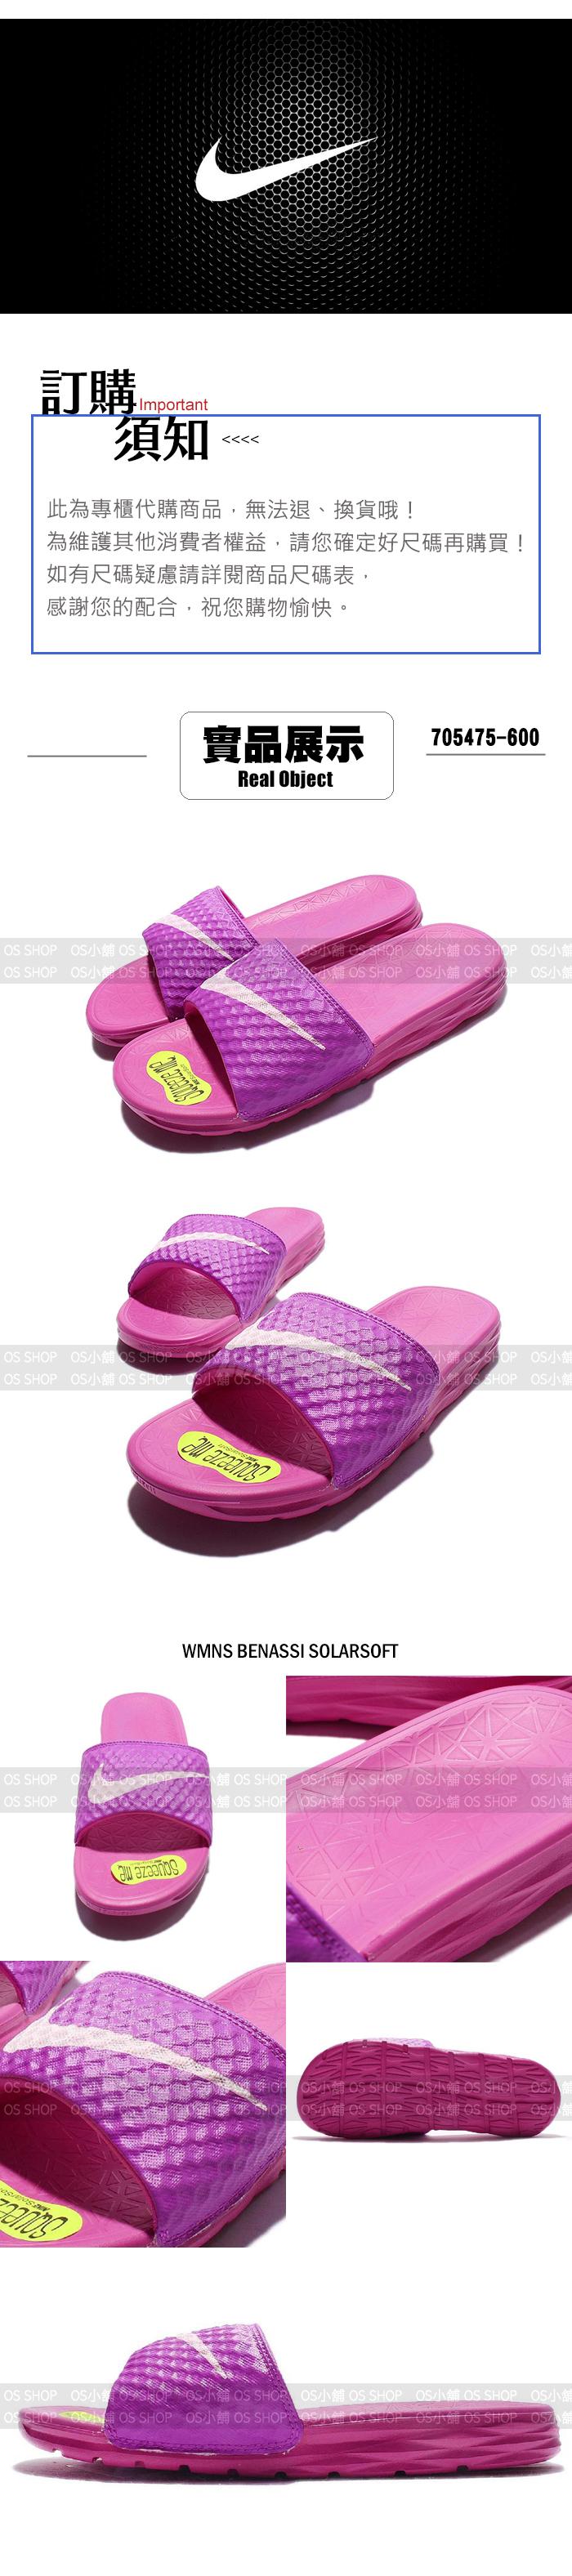 鞋子705475長條+